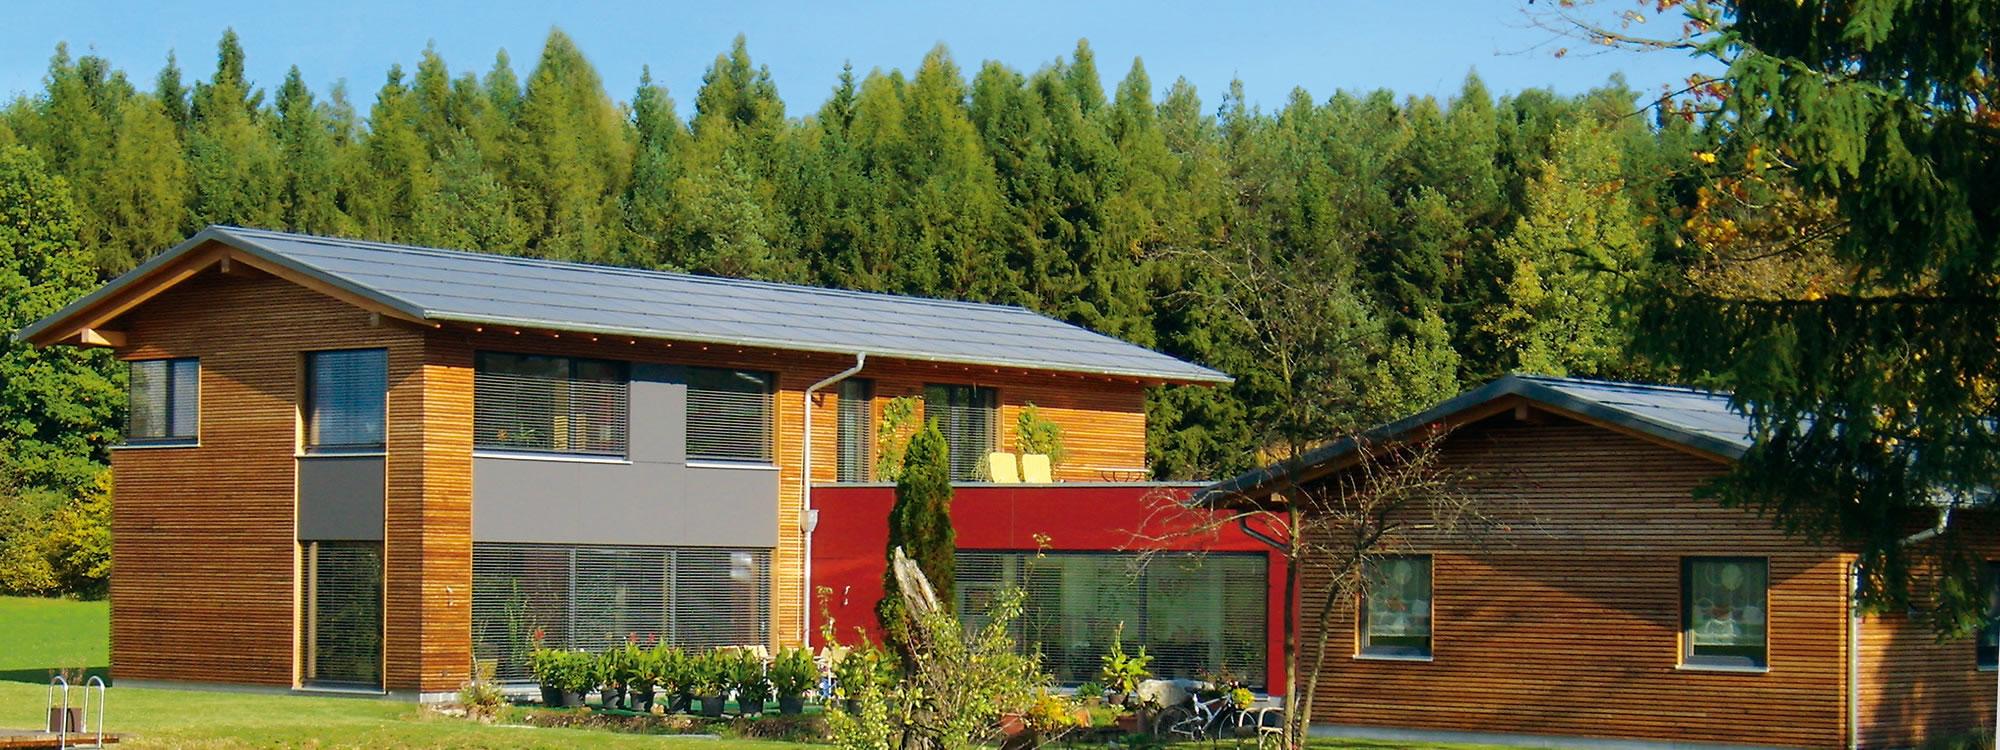 Plusenergiehäuser aus dem Hause Gruber - Energieeffizienz auf höchstem Niveau